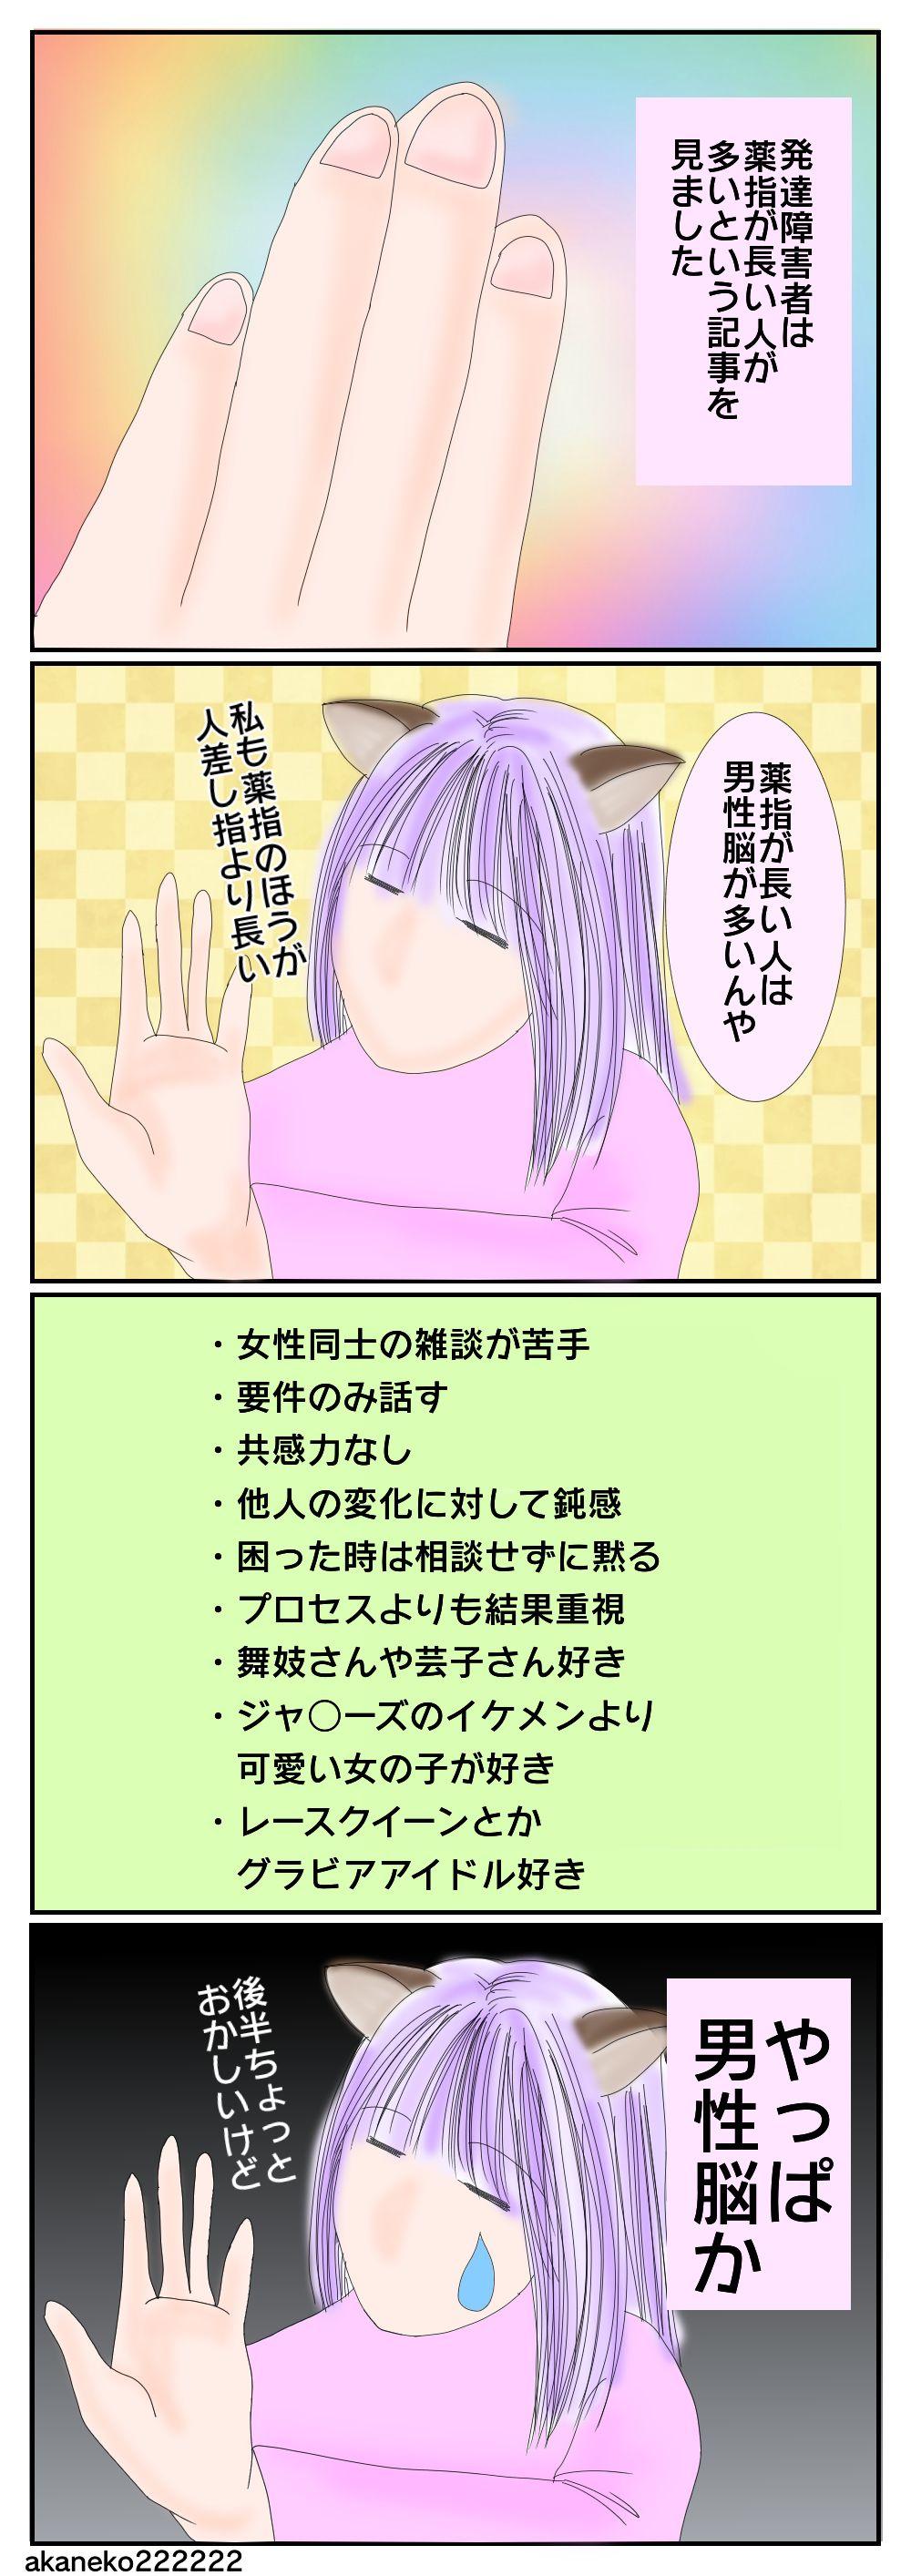 発達障害者には薬指が長くて男性脳が多いという四コマ漫画